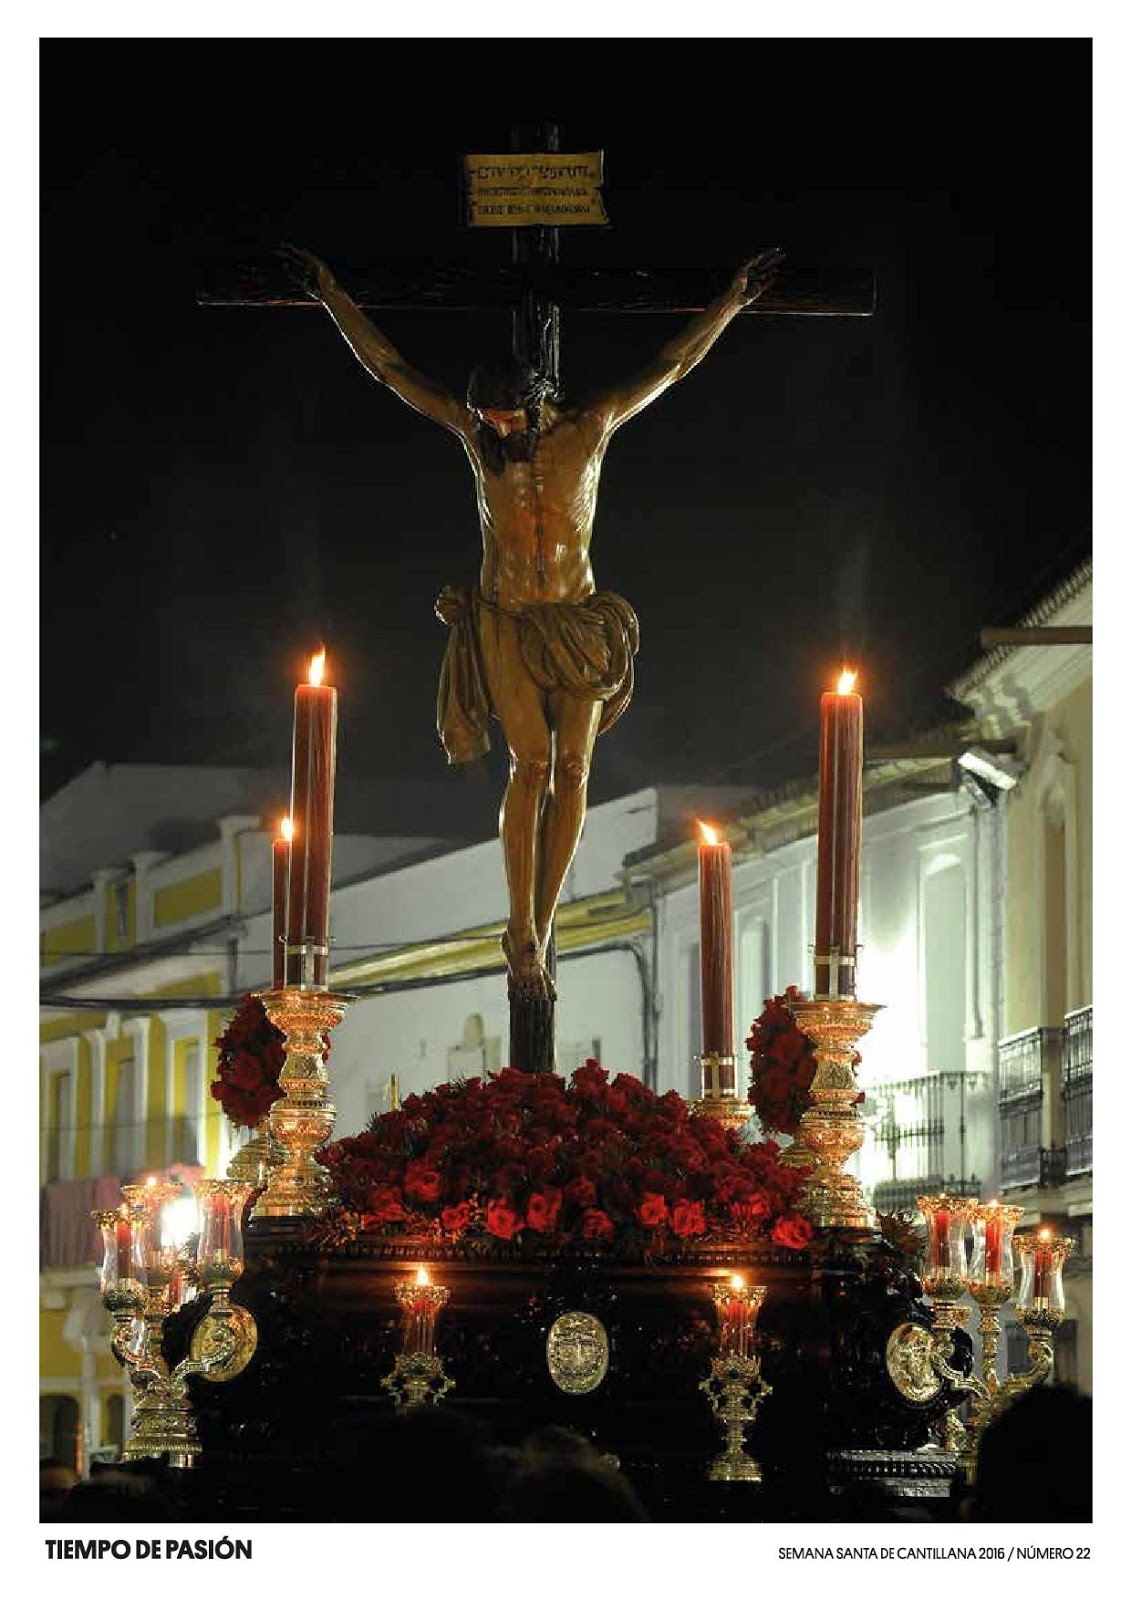 Horarios e itinerarios semana santa cantillana sevilla 2016 - Horario merkamueble sevilla ...